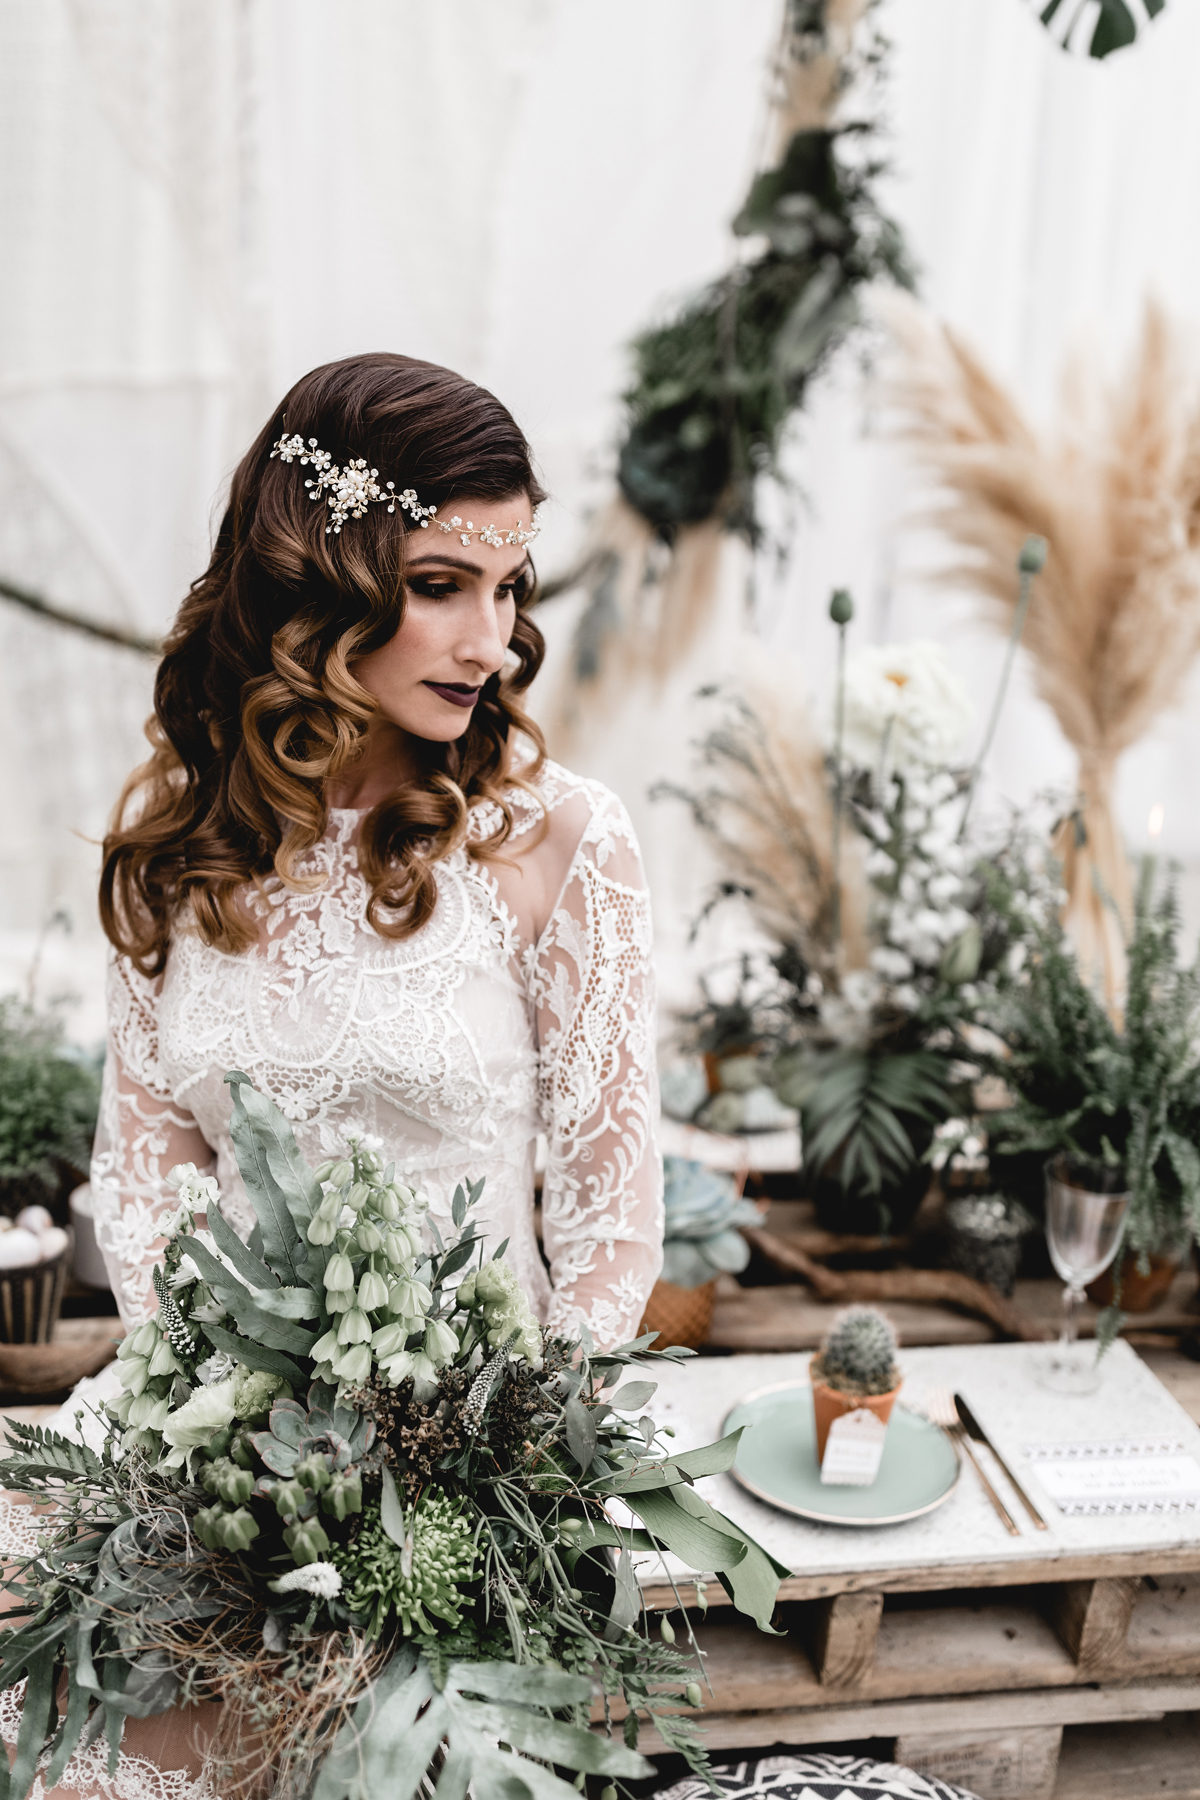 Andreas_Nusch_Hochzeitsfotografie_Brautshooting_2017_JA-Hochzeitsshop_0109